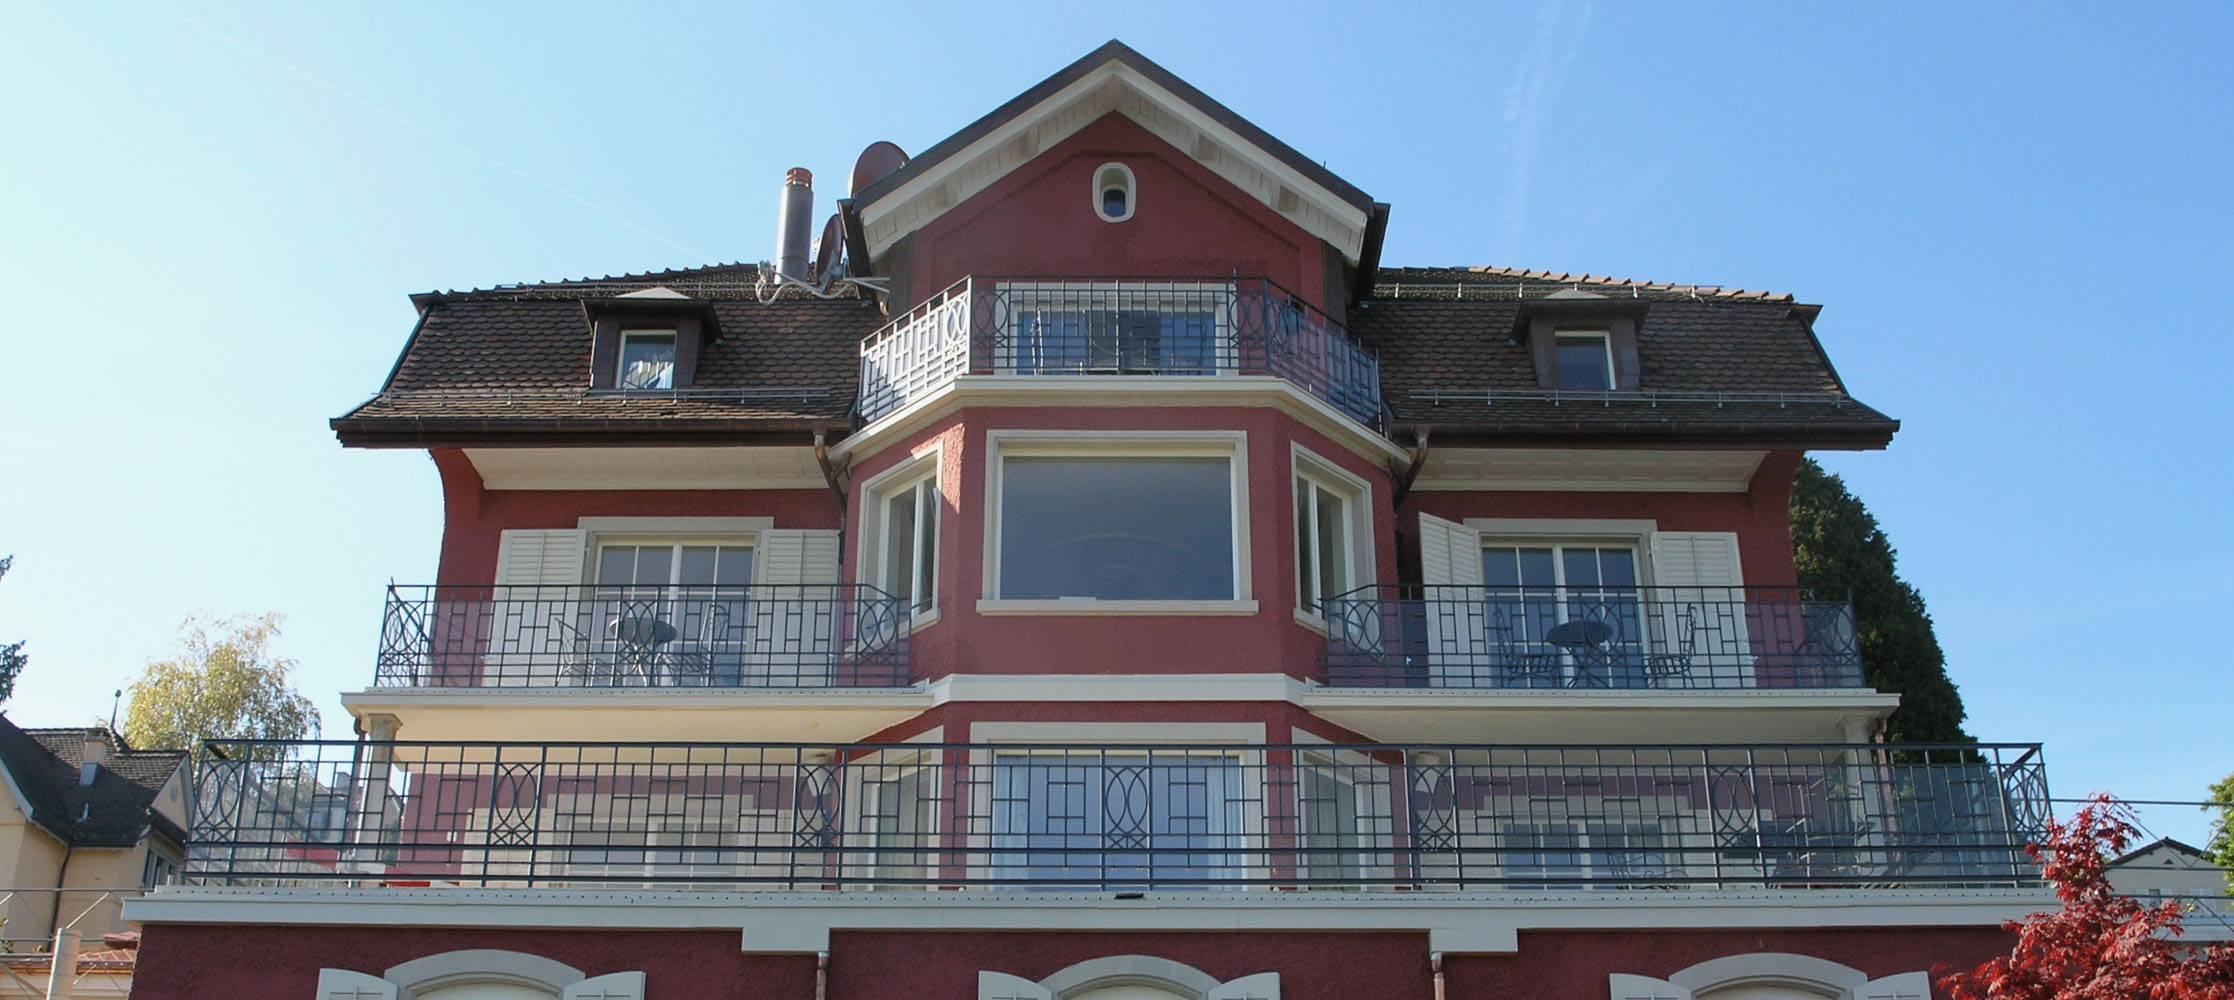 Balkone mit Seesicht